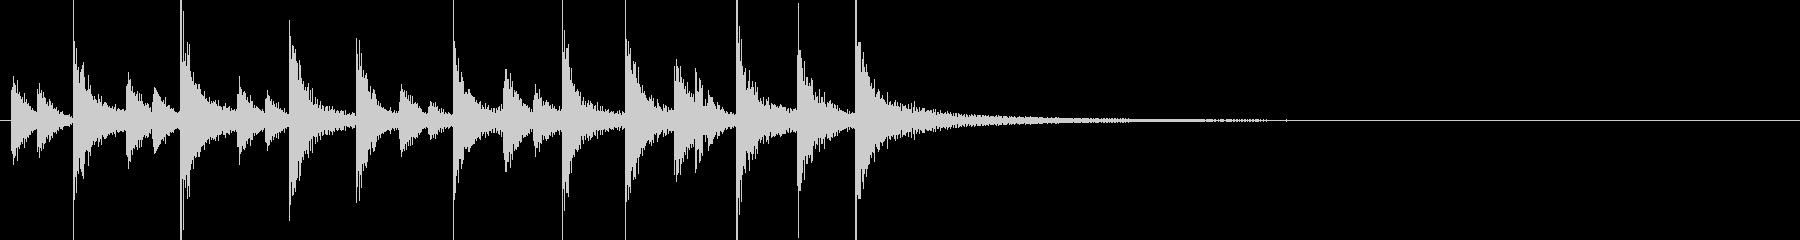 ドラム/ティンバレス フィルイン 11の未再生の波形